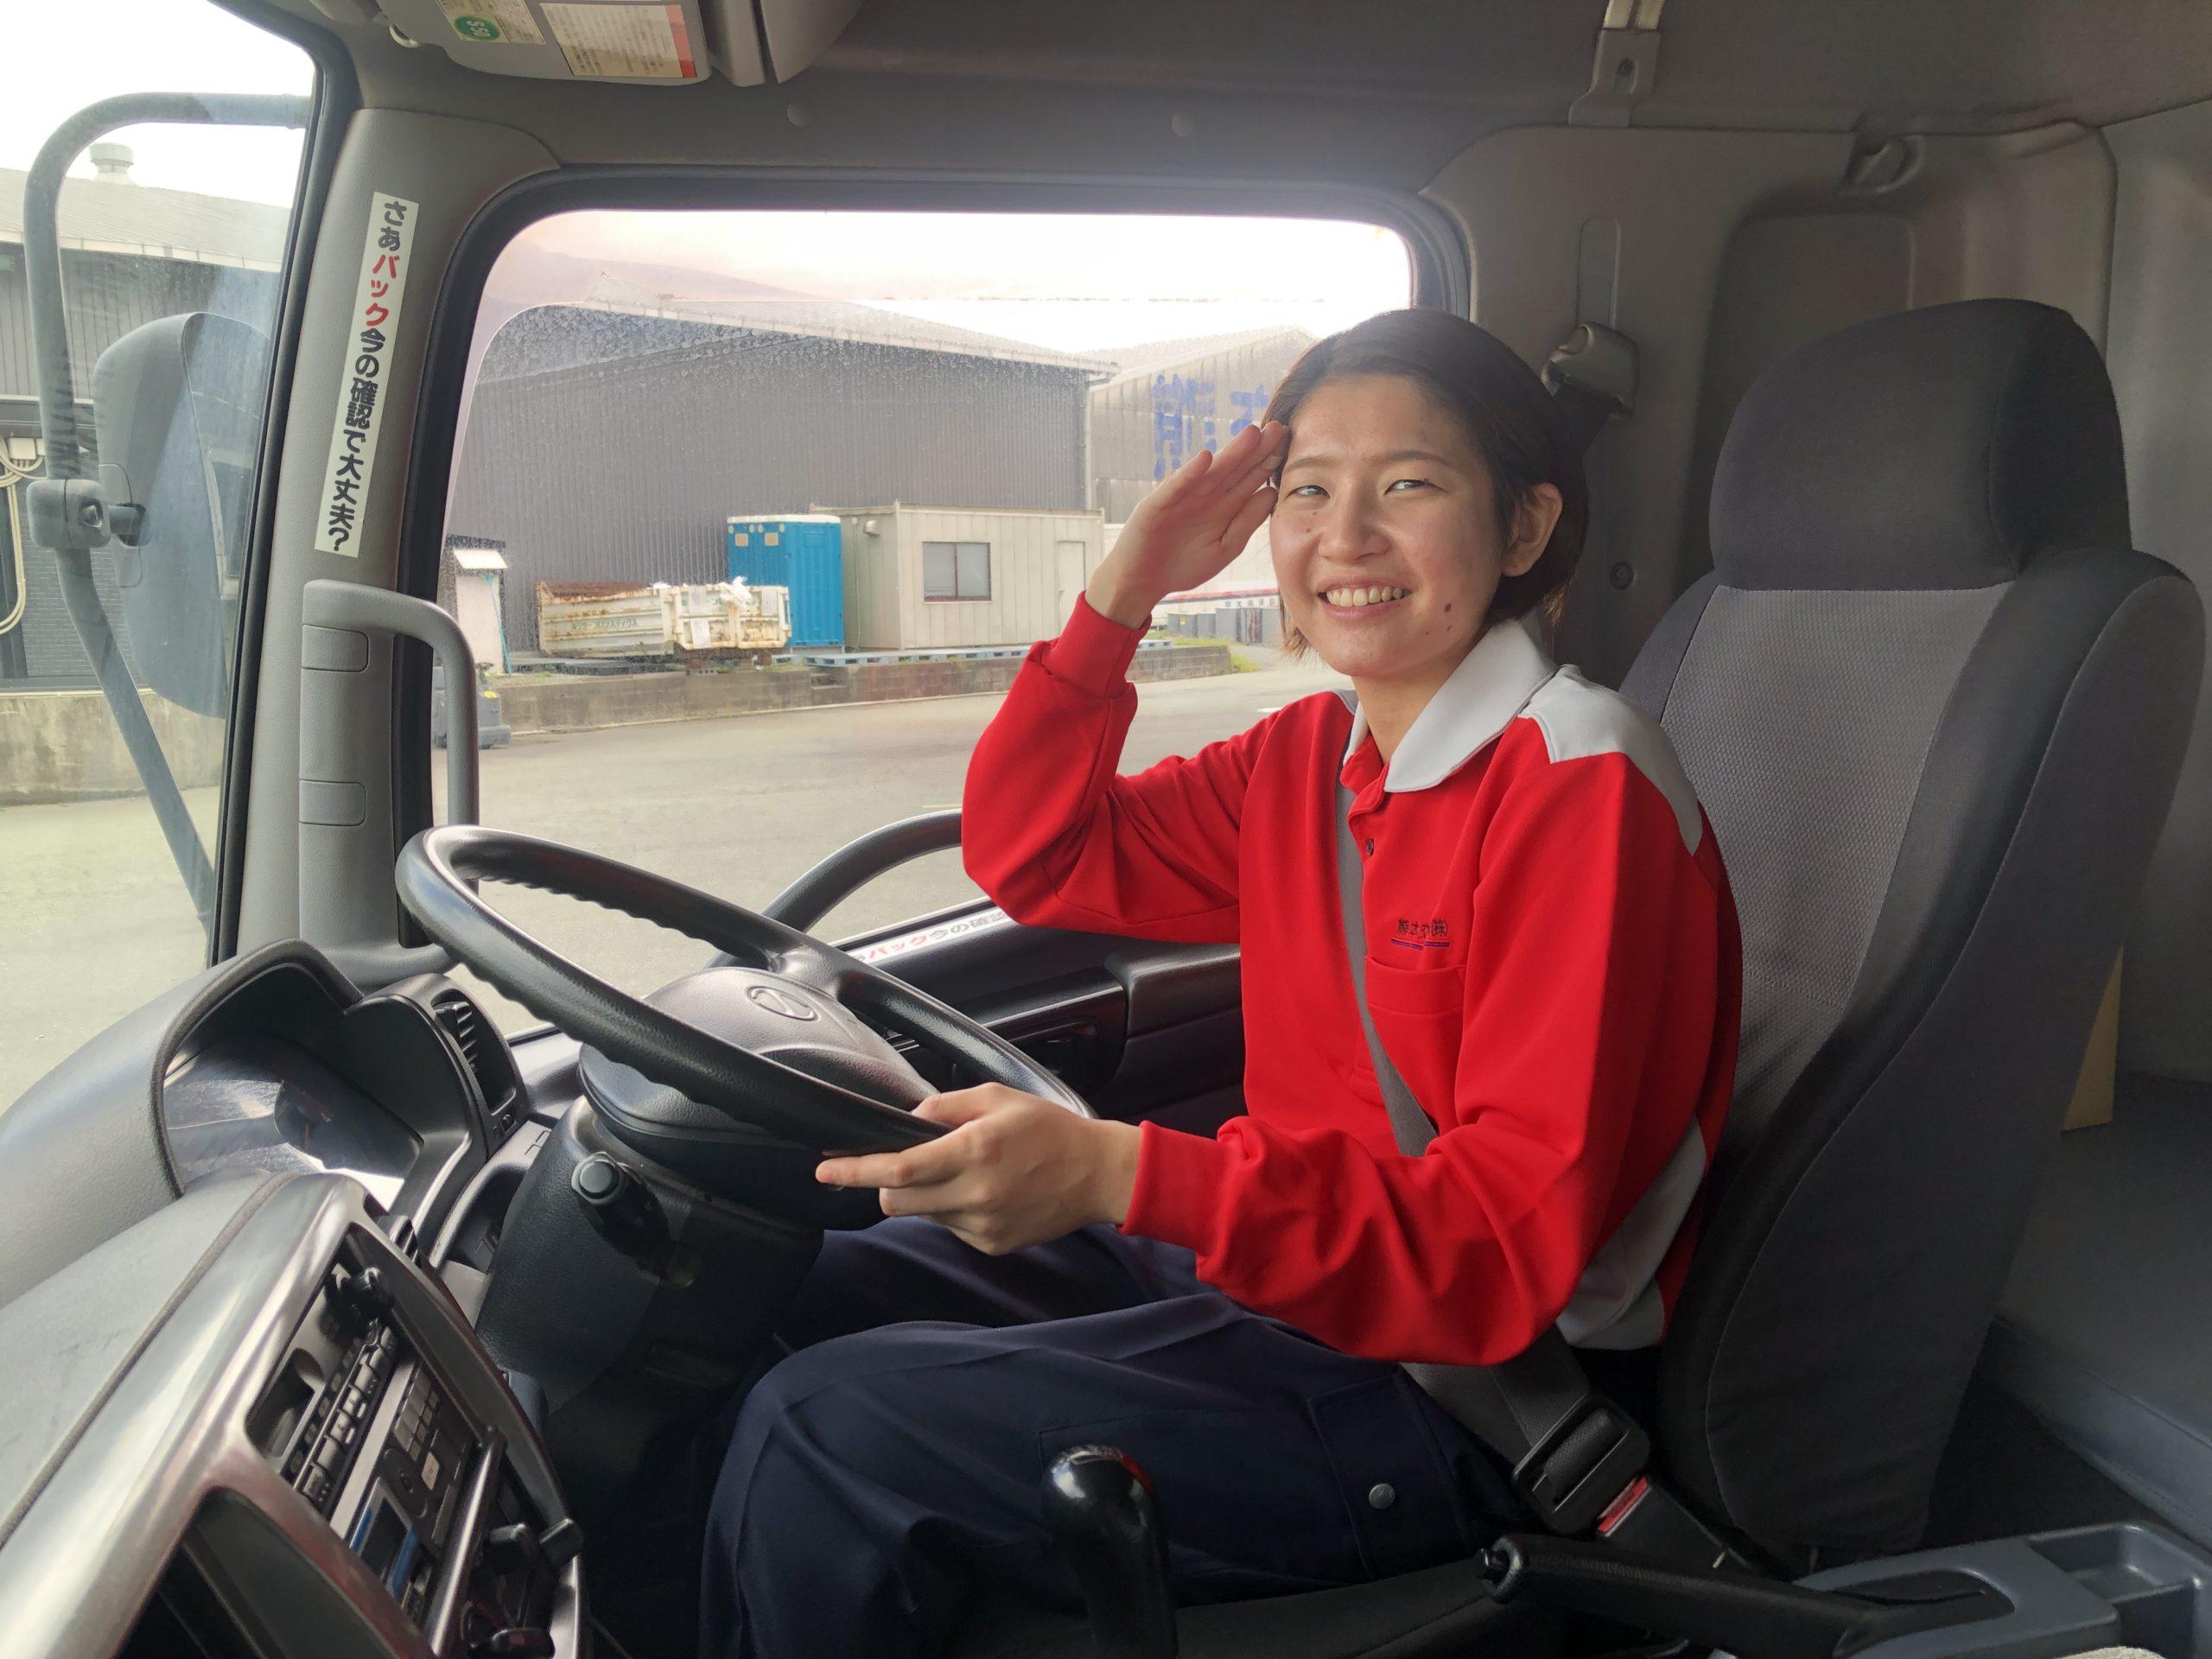 中型トラックドライバー 正社員採用 急募!